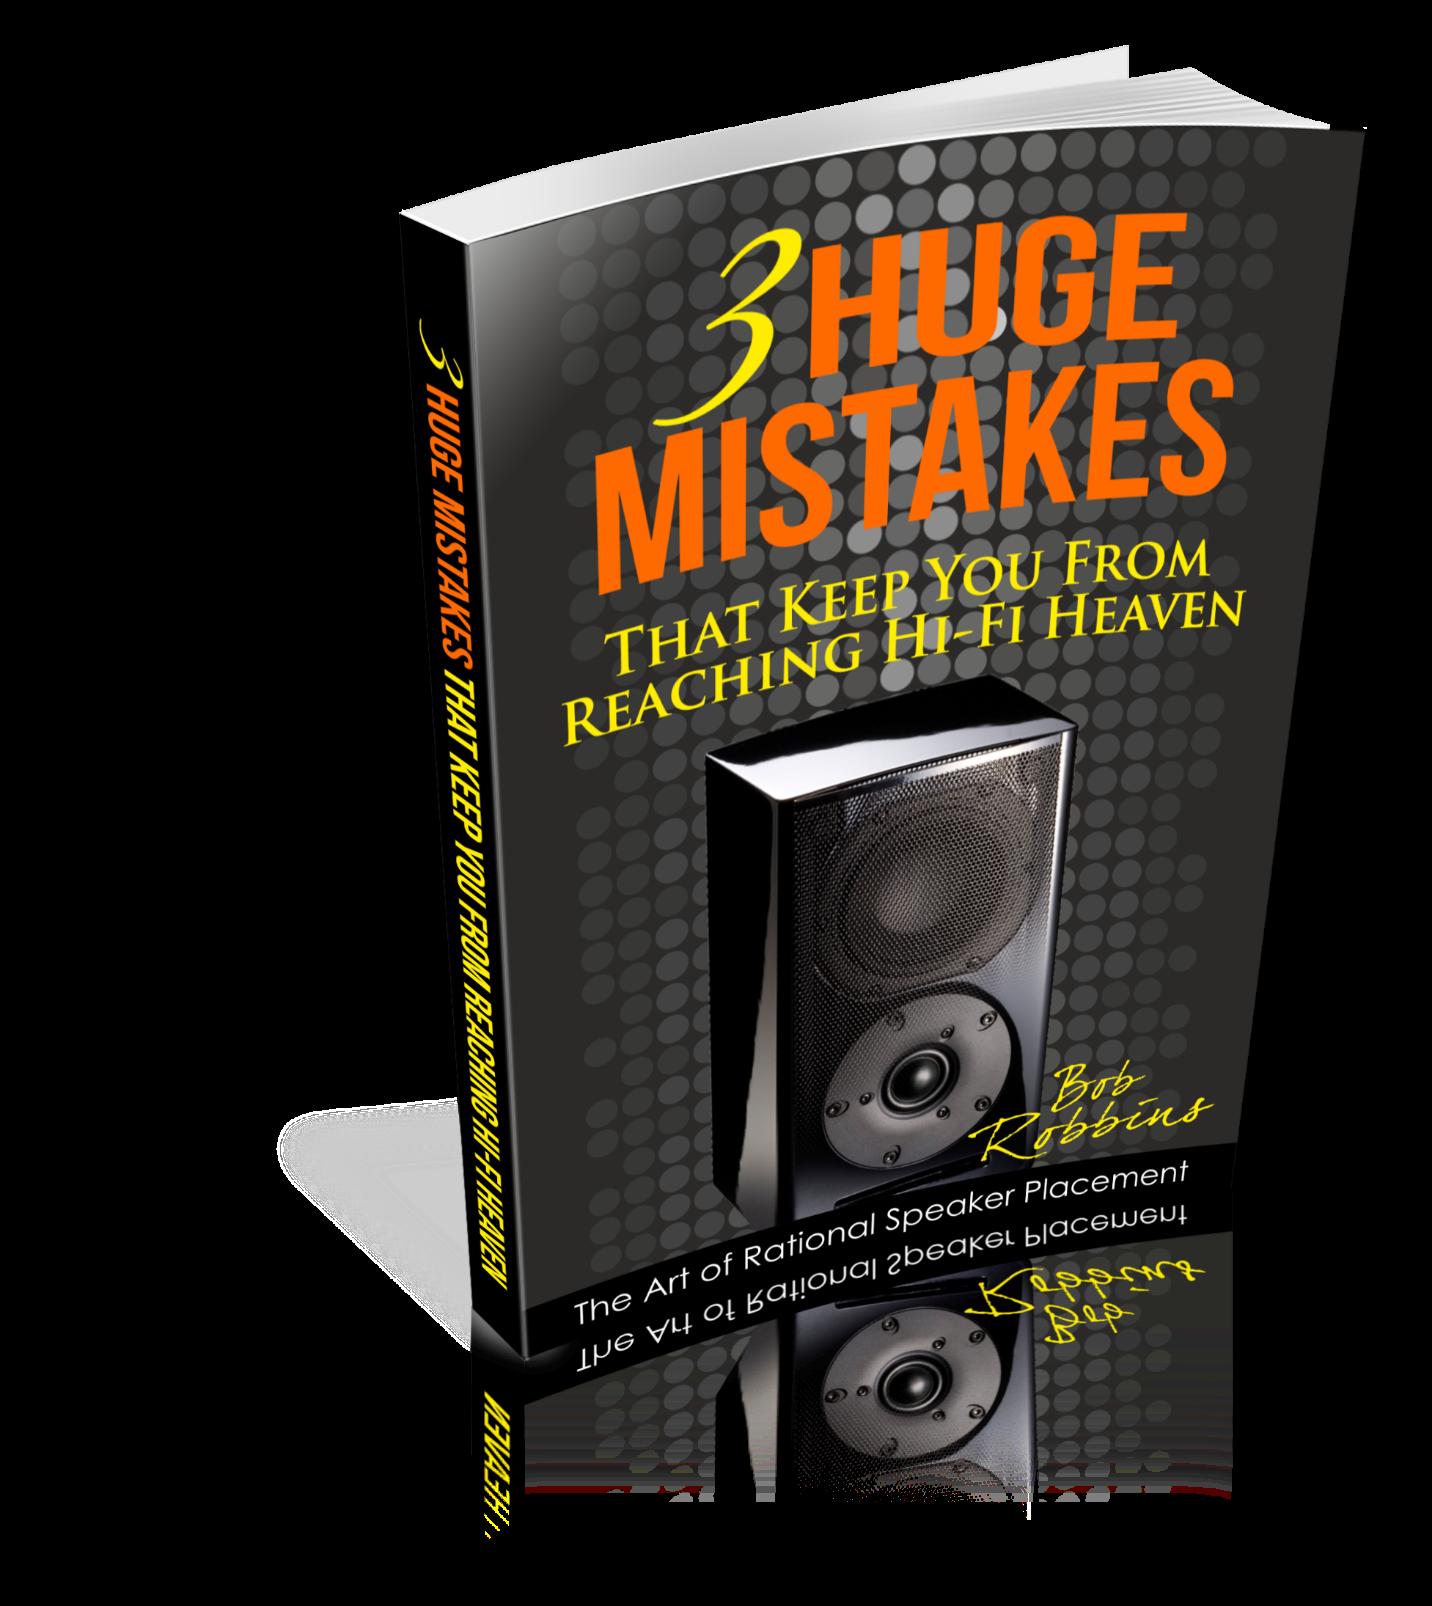 3 Huge Mistakes